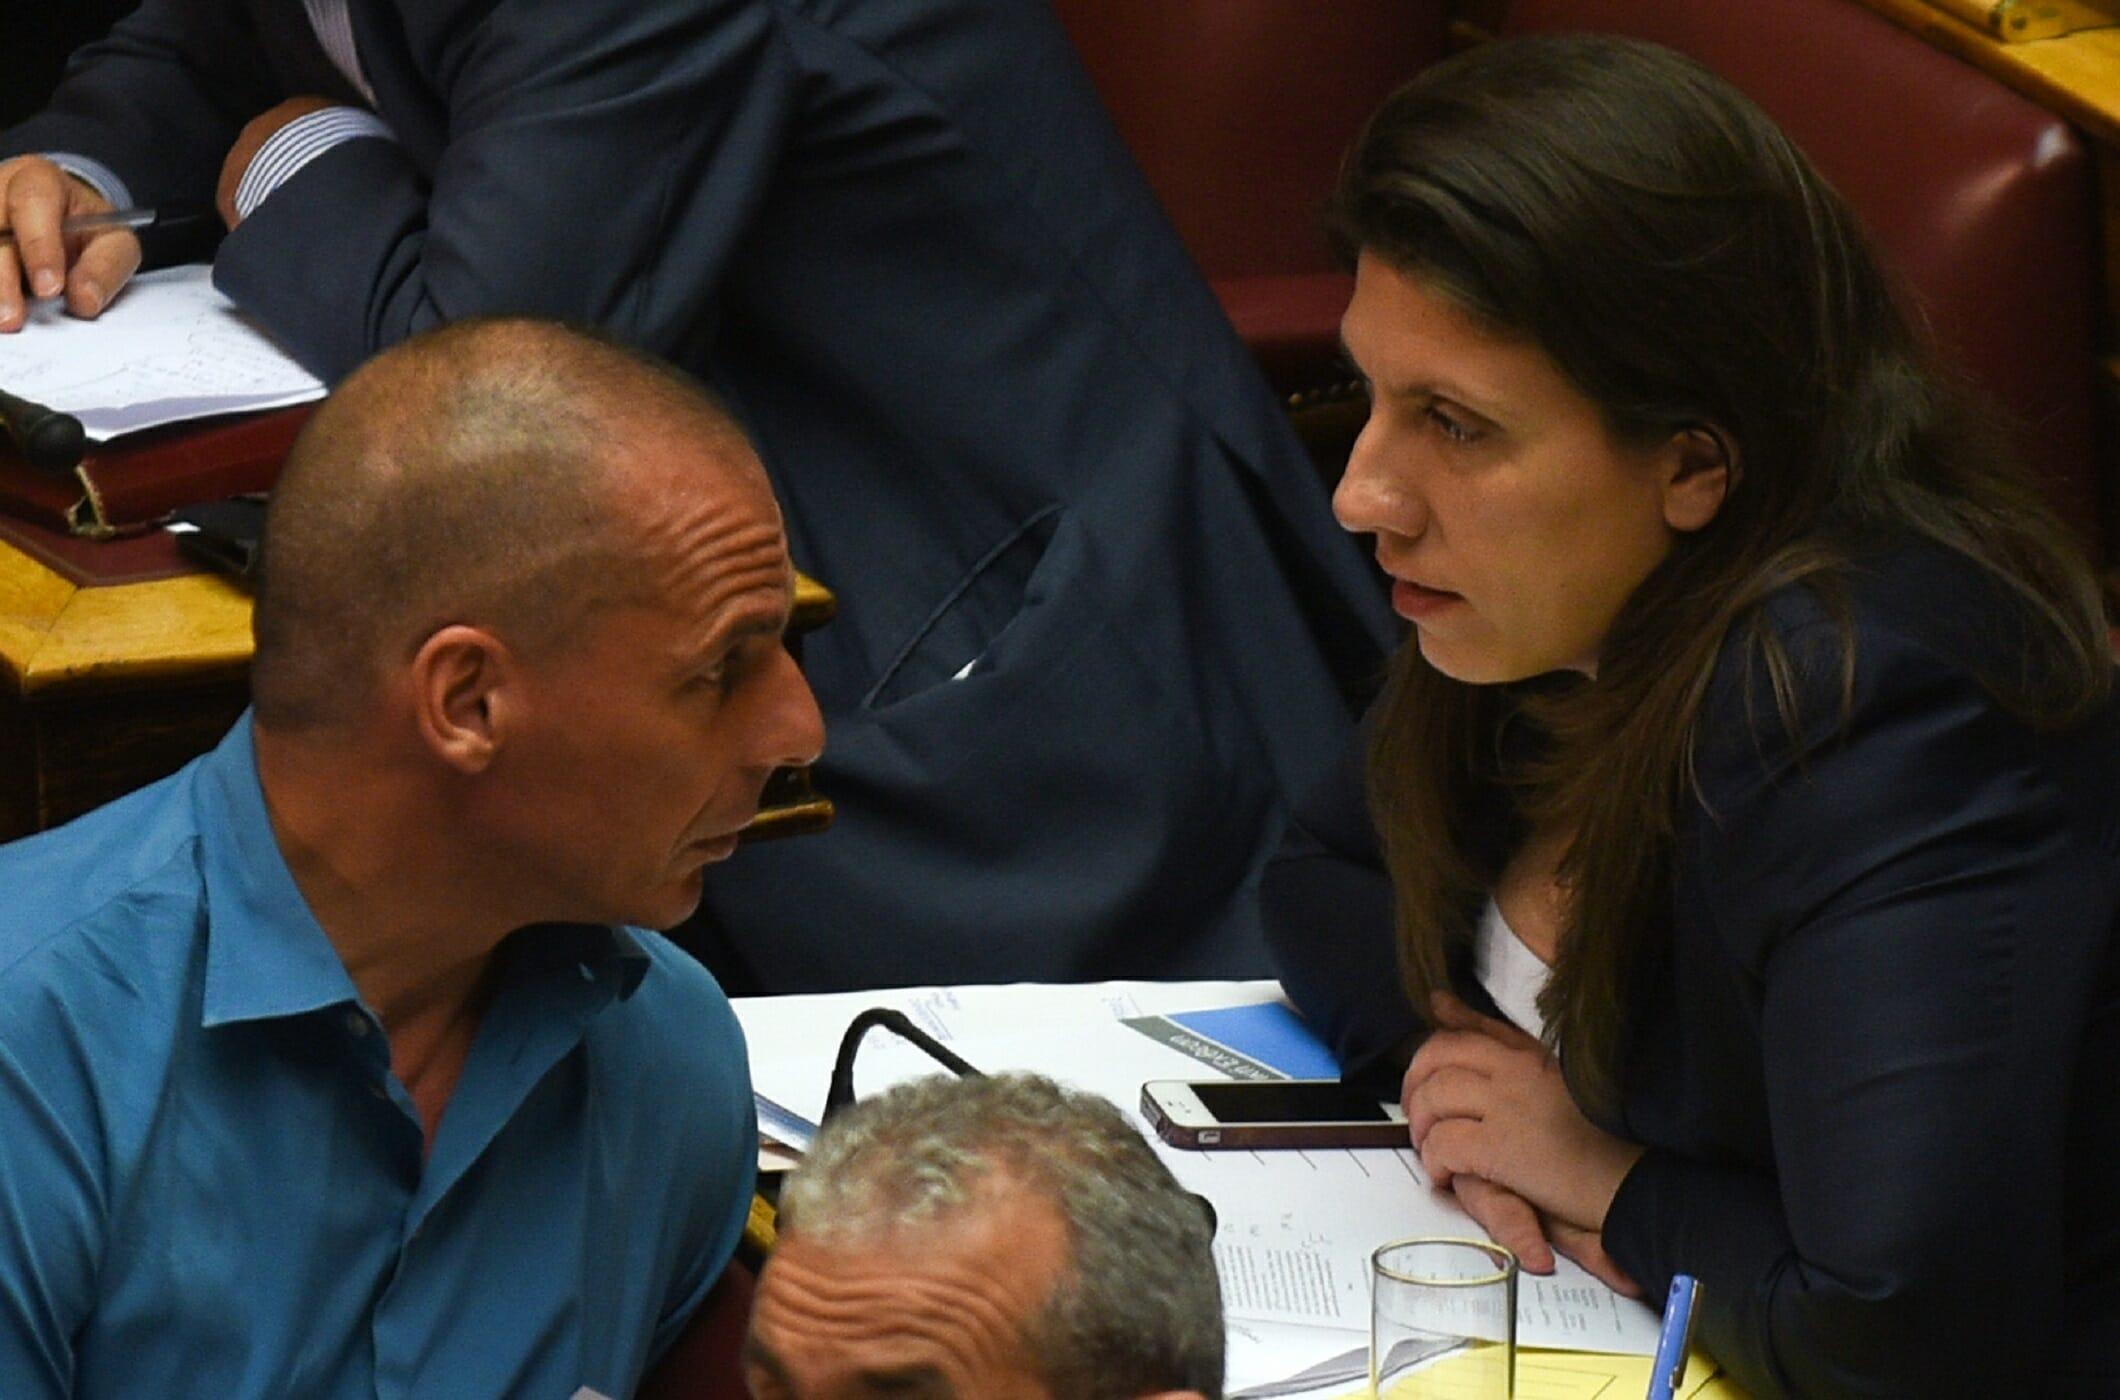 Κωνσταντοπούλου σε Βαρουφάκη: Είμαι διατεθειμένη να δημοσιοποιήσω τις συνομιλίες